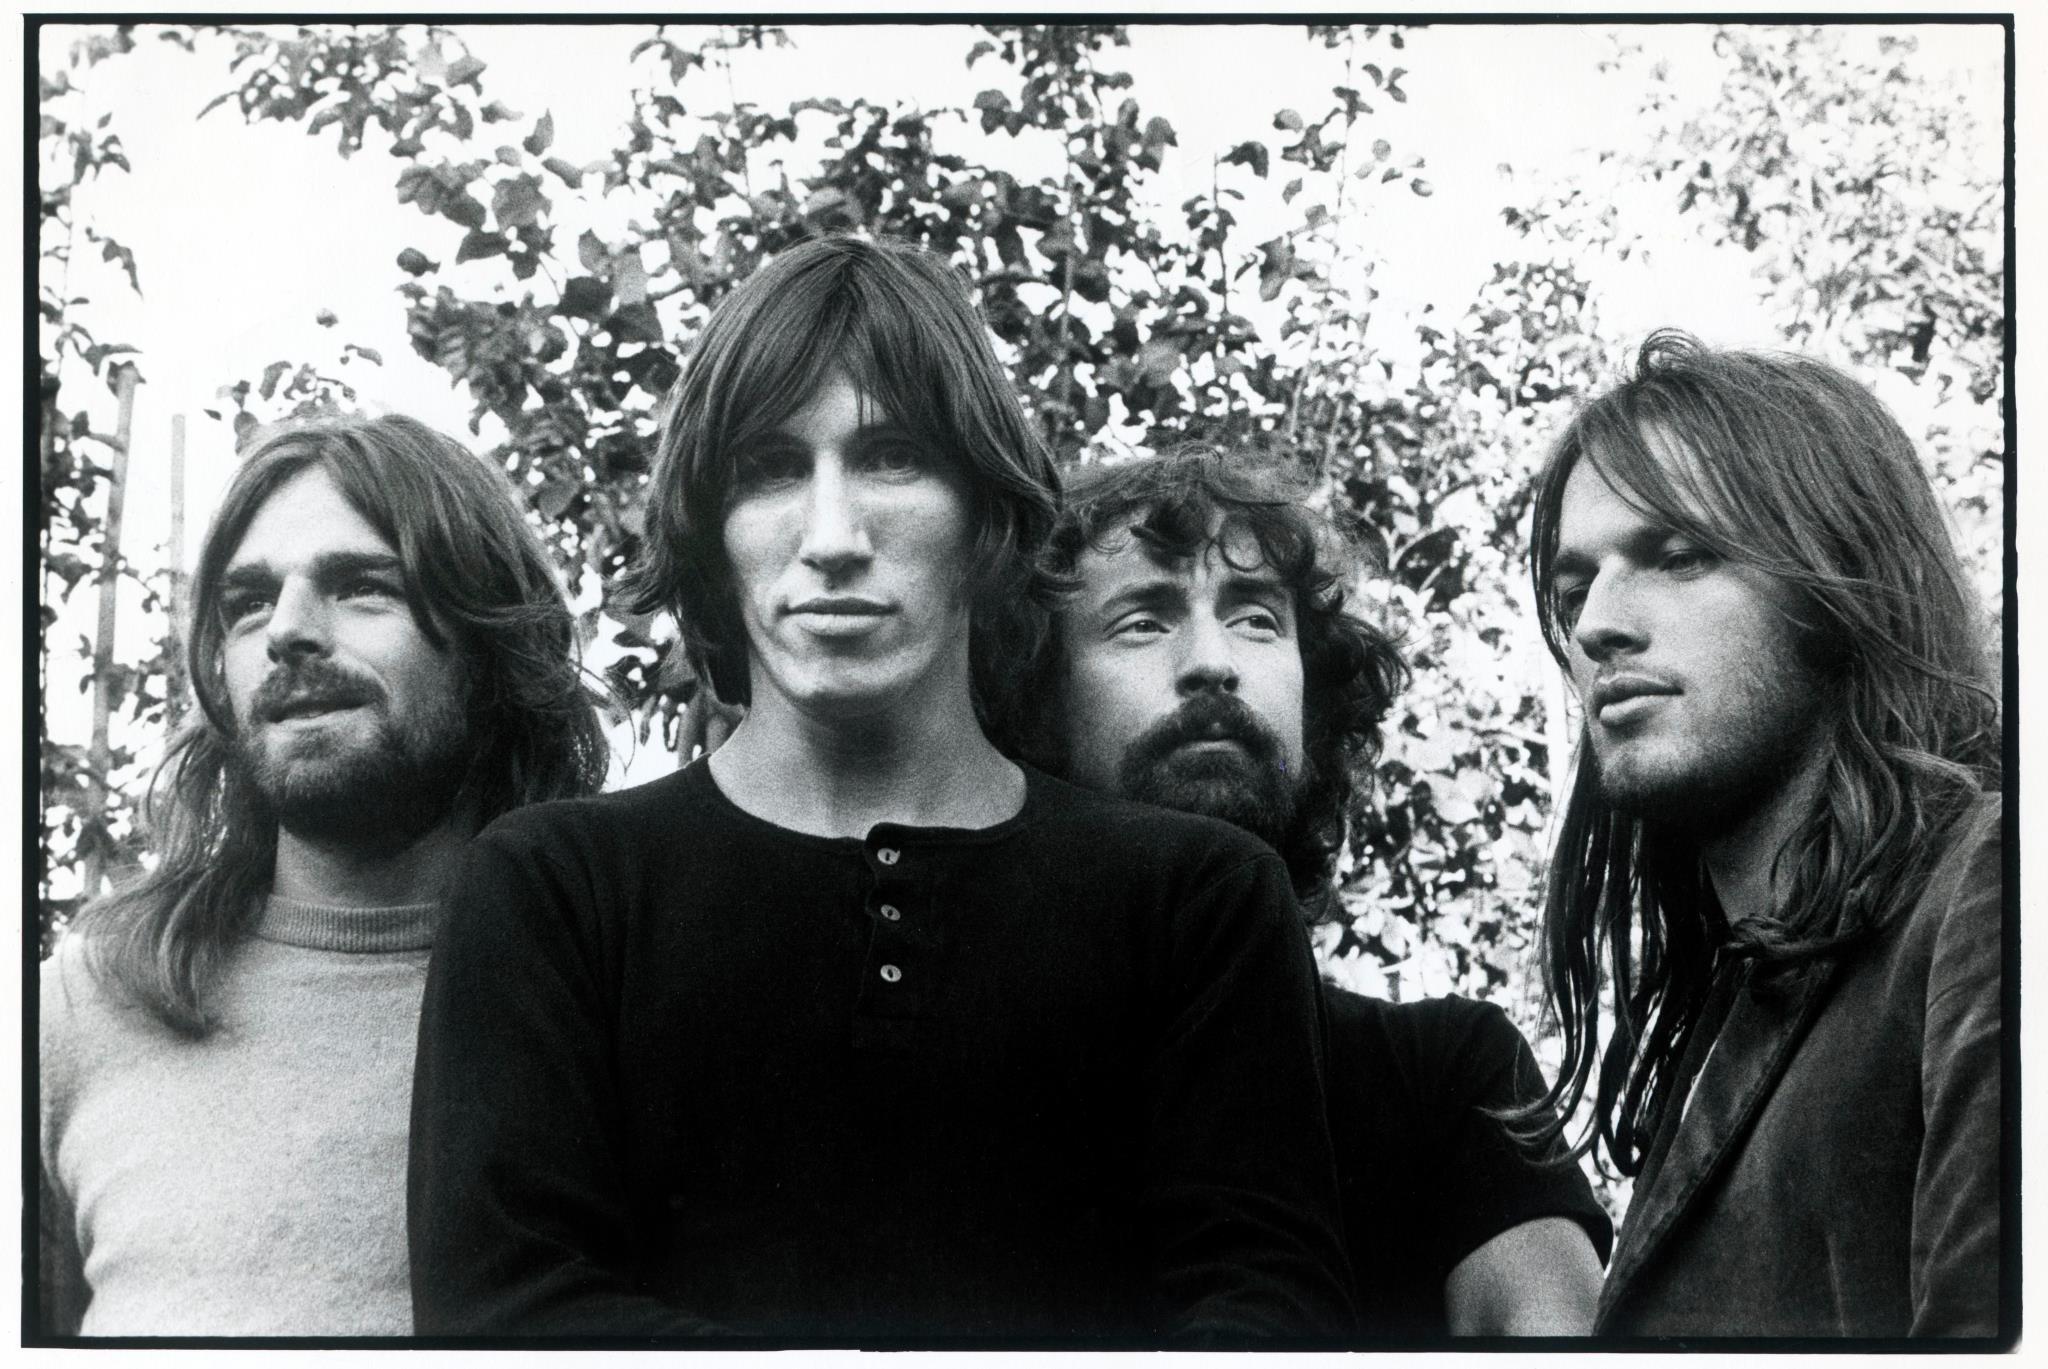 Fimi, Classifiche. Tiziano Ferro, Pink Floyd e tha Supreme, il Natale è loro